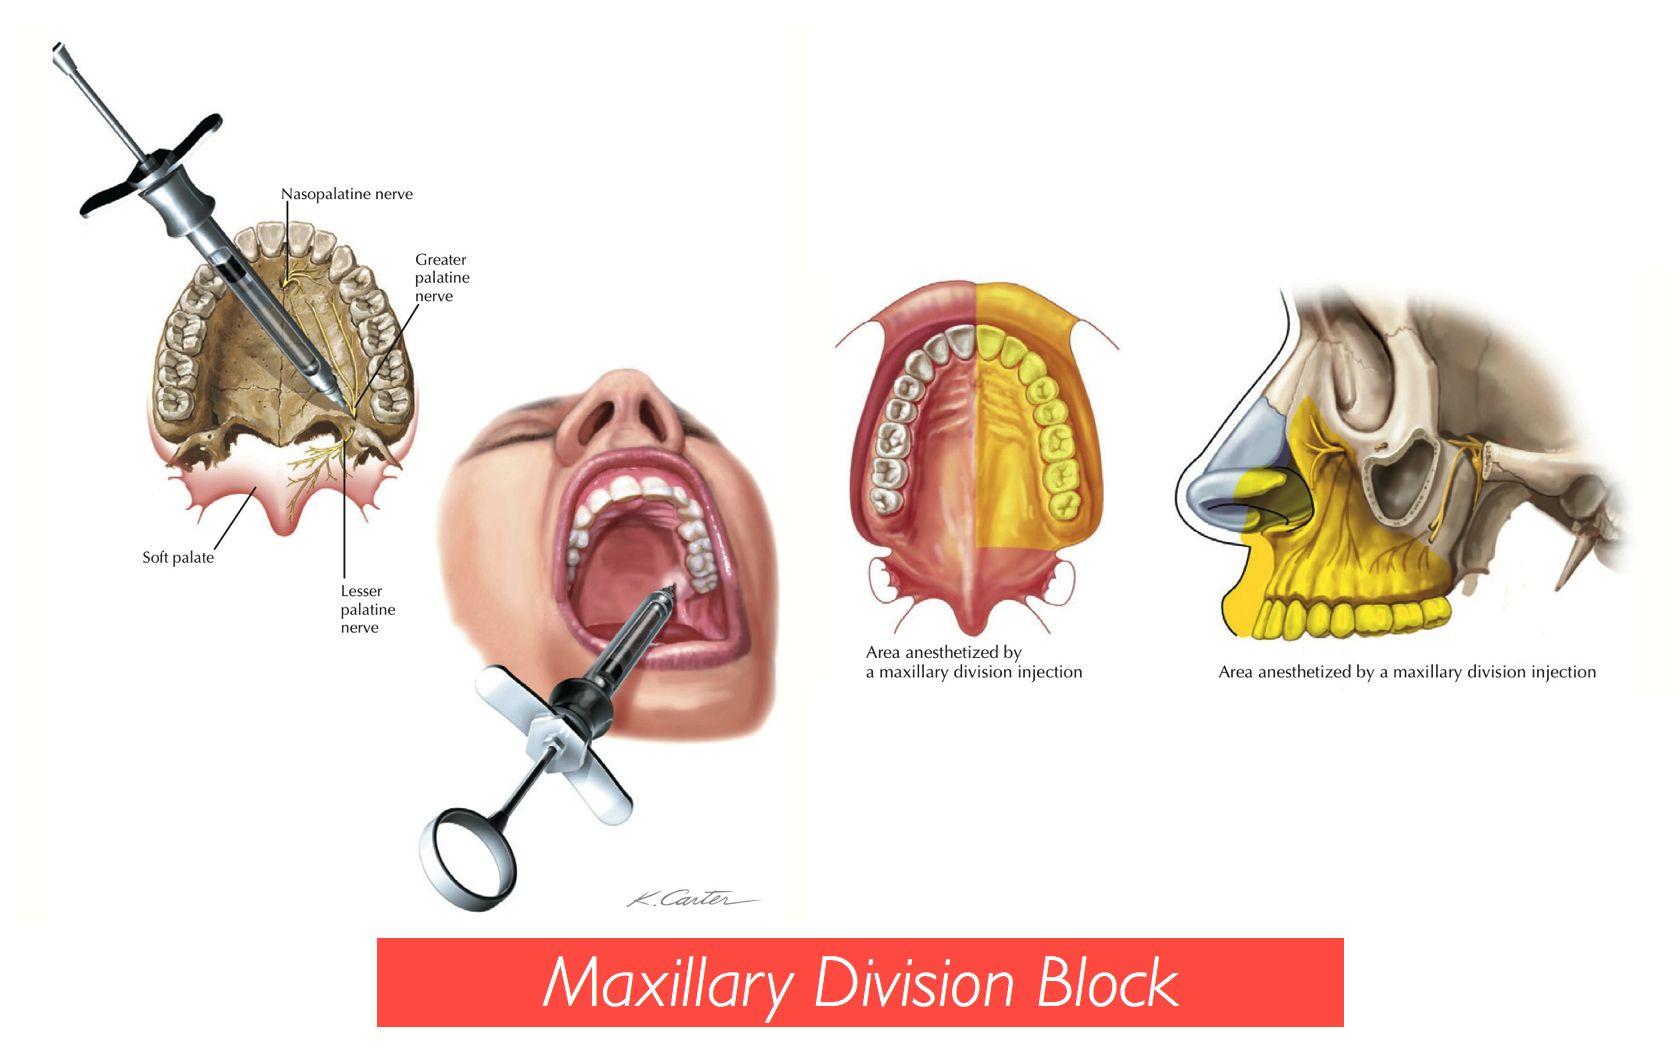 Maxillary Nerve Block: Background, Indications, Contraindications